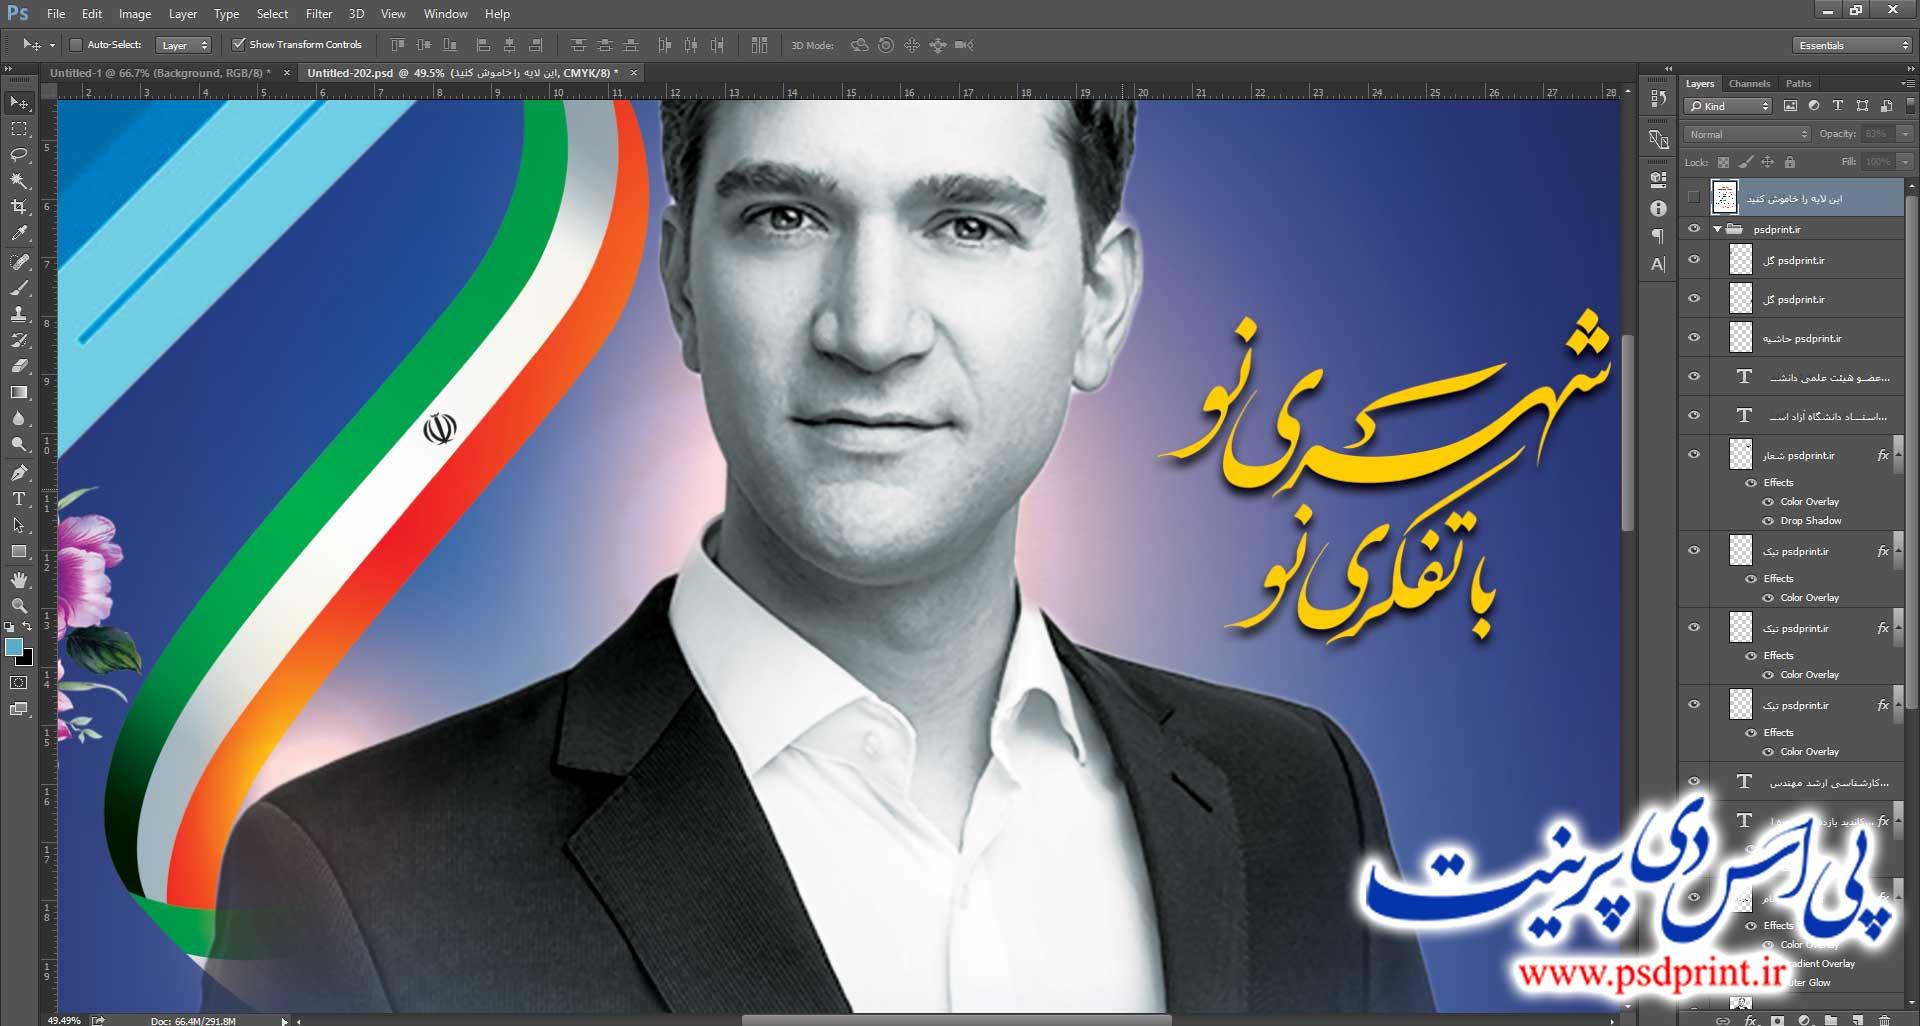 نمونه پوستر تبلیغاتی انتخابات مجلس